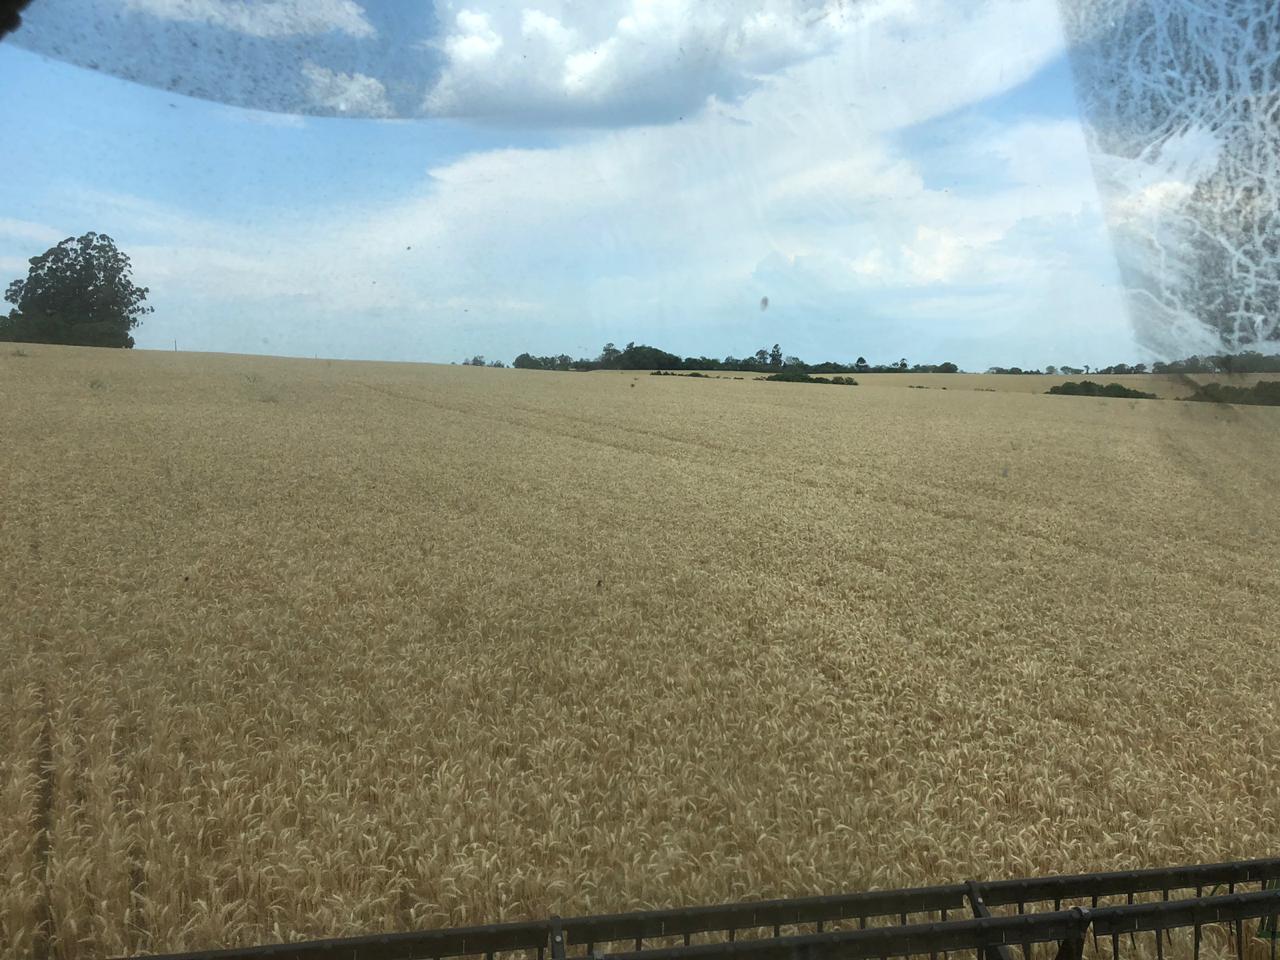 Colheita de trigo em São Borja (RS) Envio de Joca Daronch